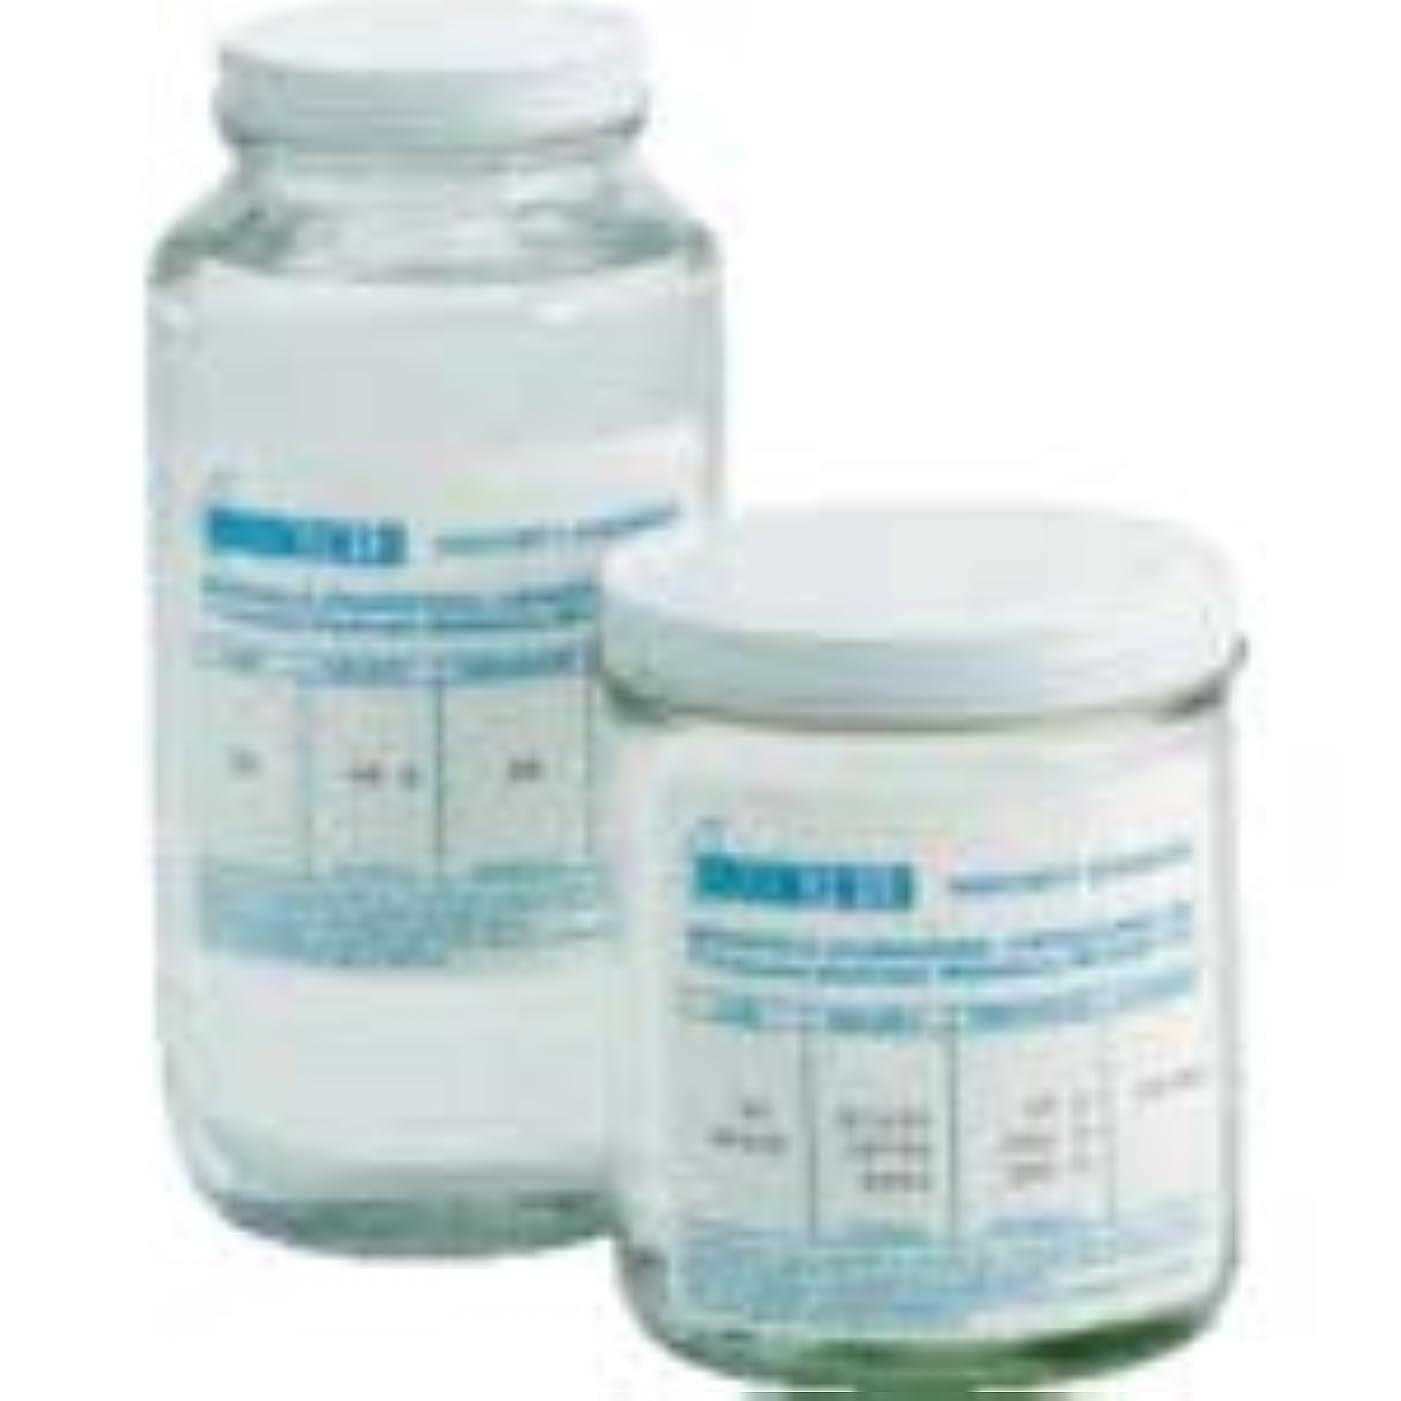 褐色バーターカウボーイTRUSCO ブルックフィールド 一般用シリコン粘度標準液 5CP 5CPS